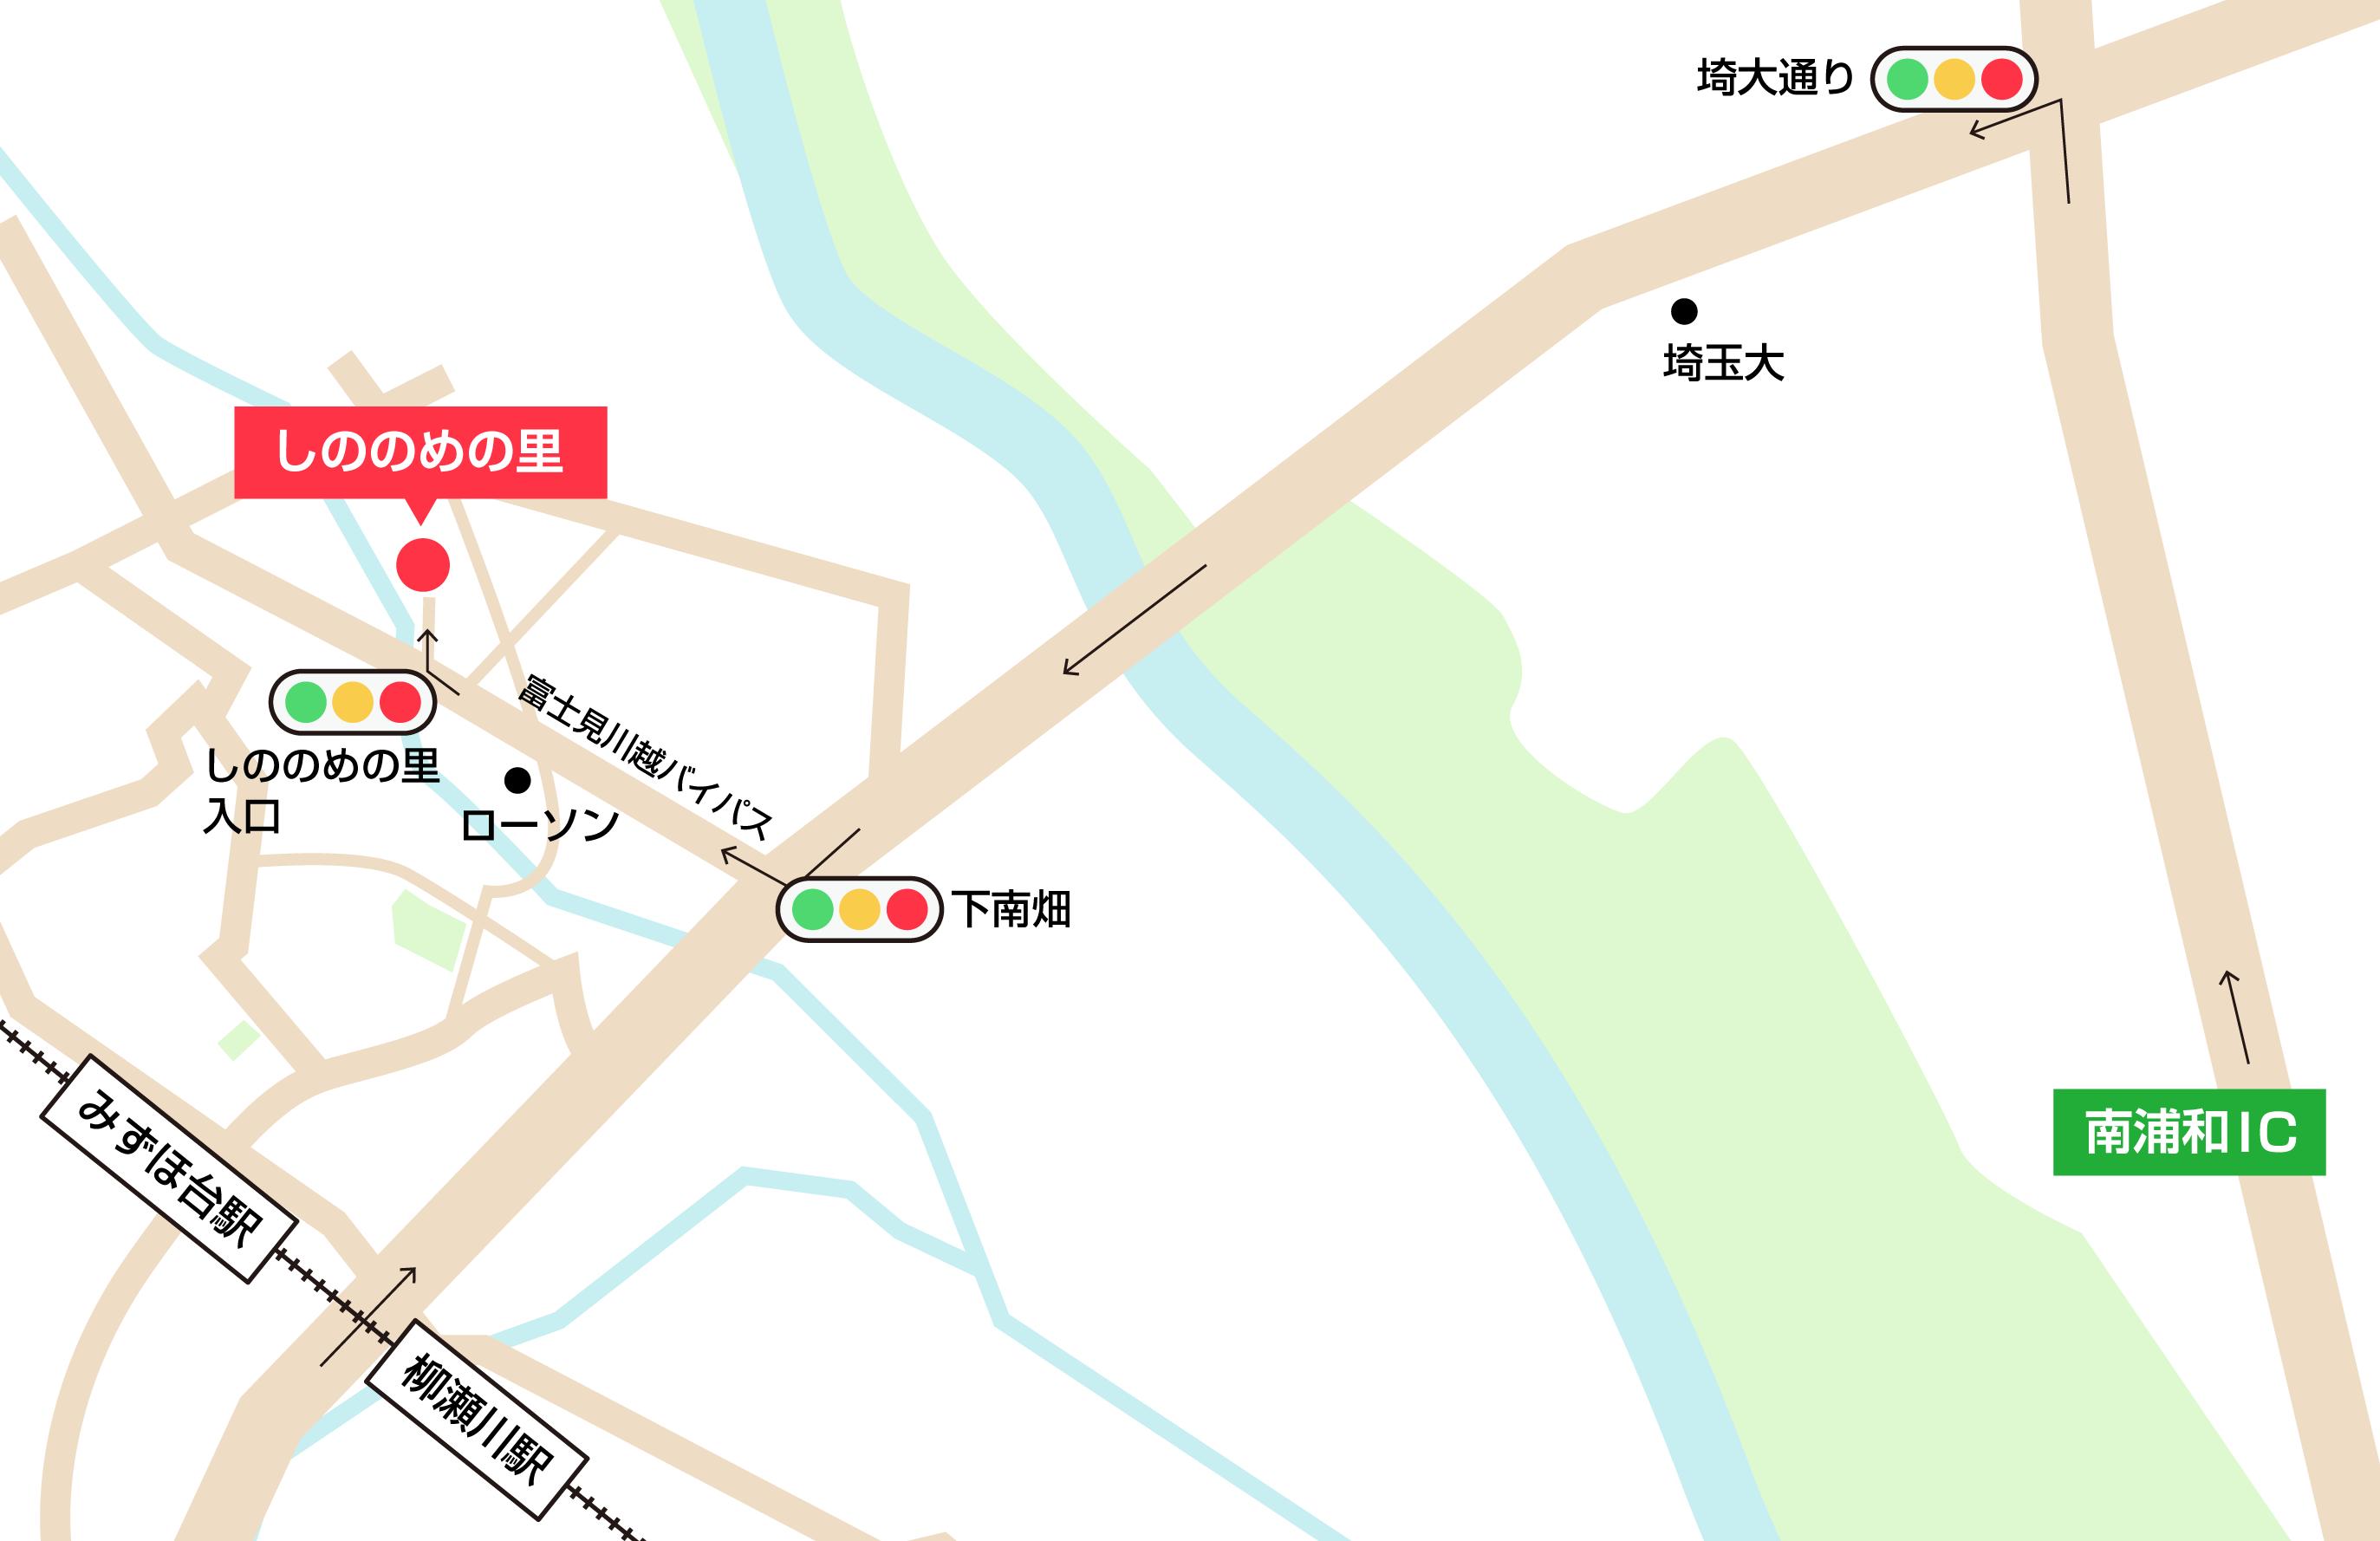 しののめの里への車での行き方・アクセスを記した地図